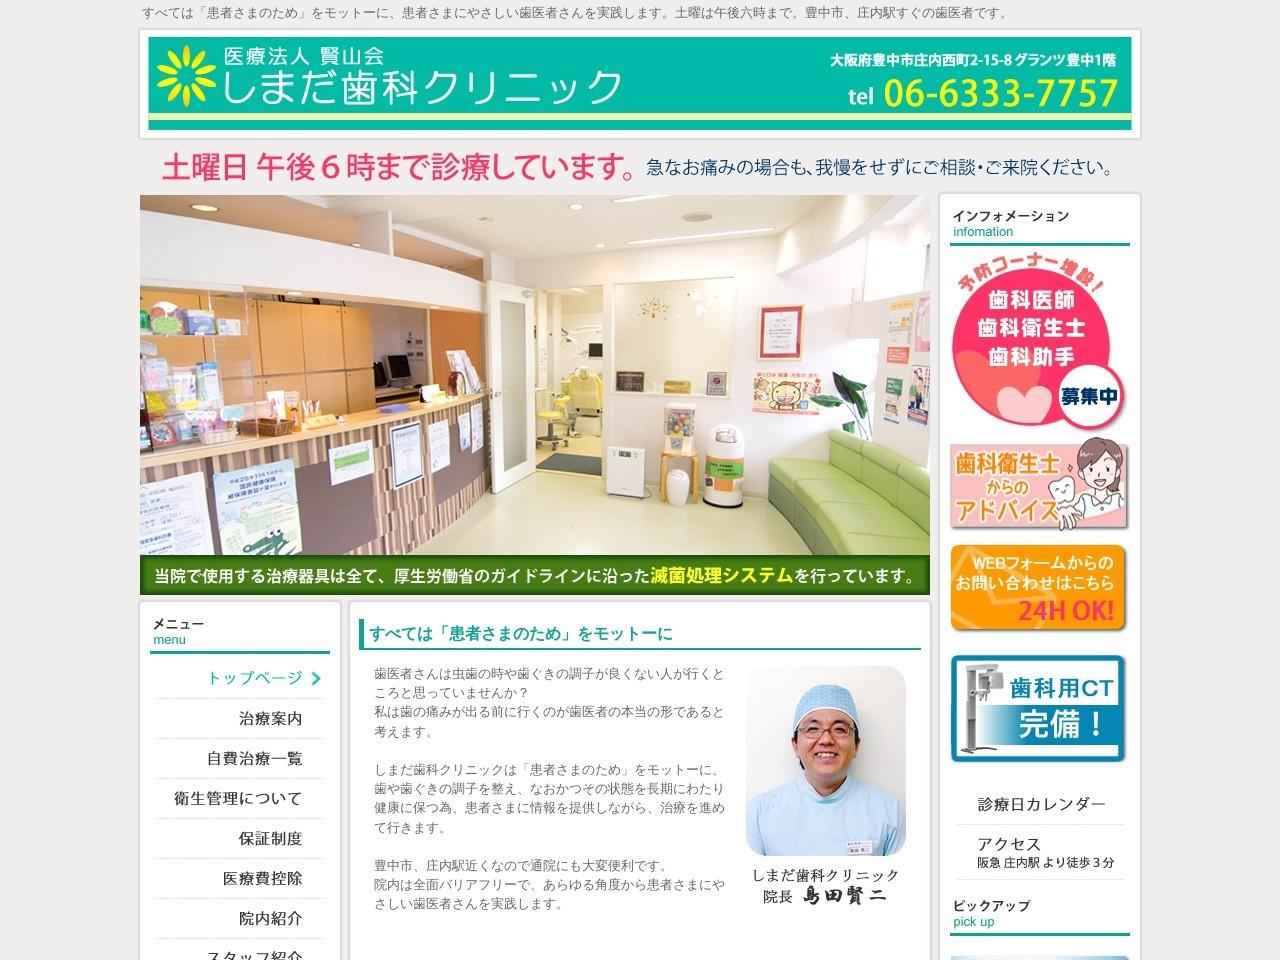 医療法人賢山会  しまだ歯科クリニック (大阪府豊中市)